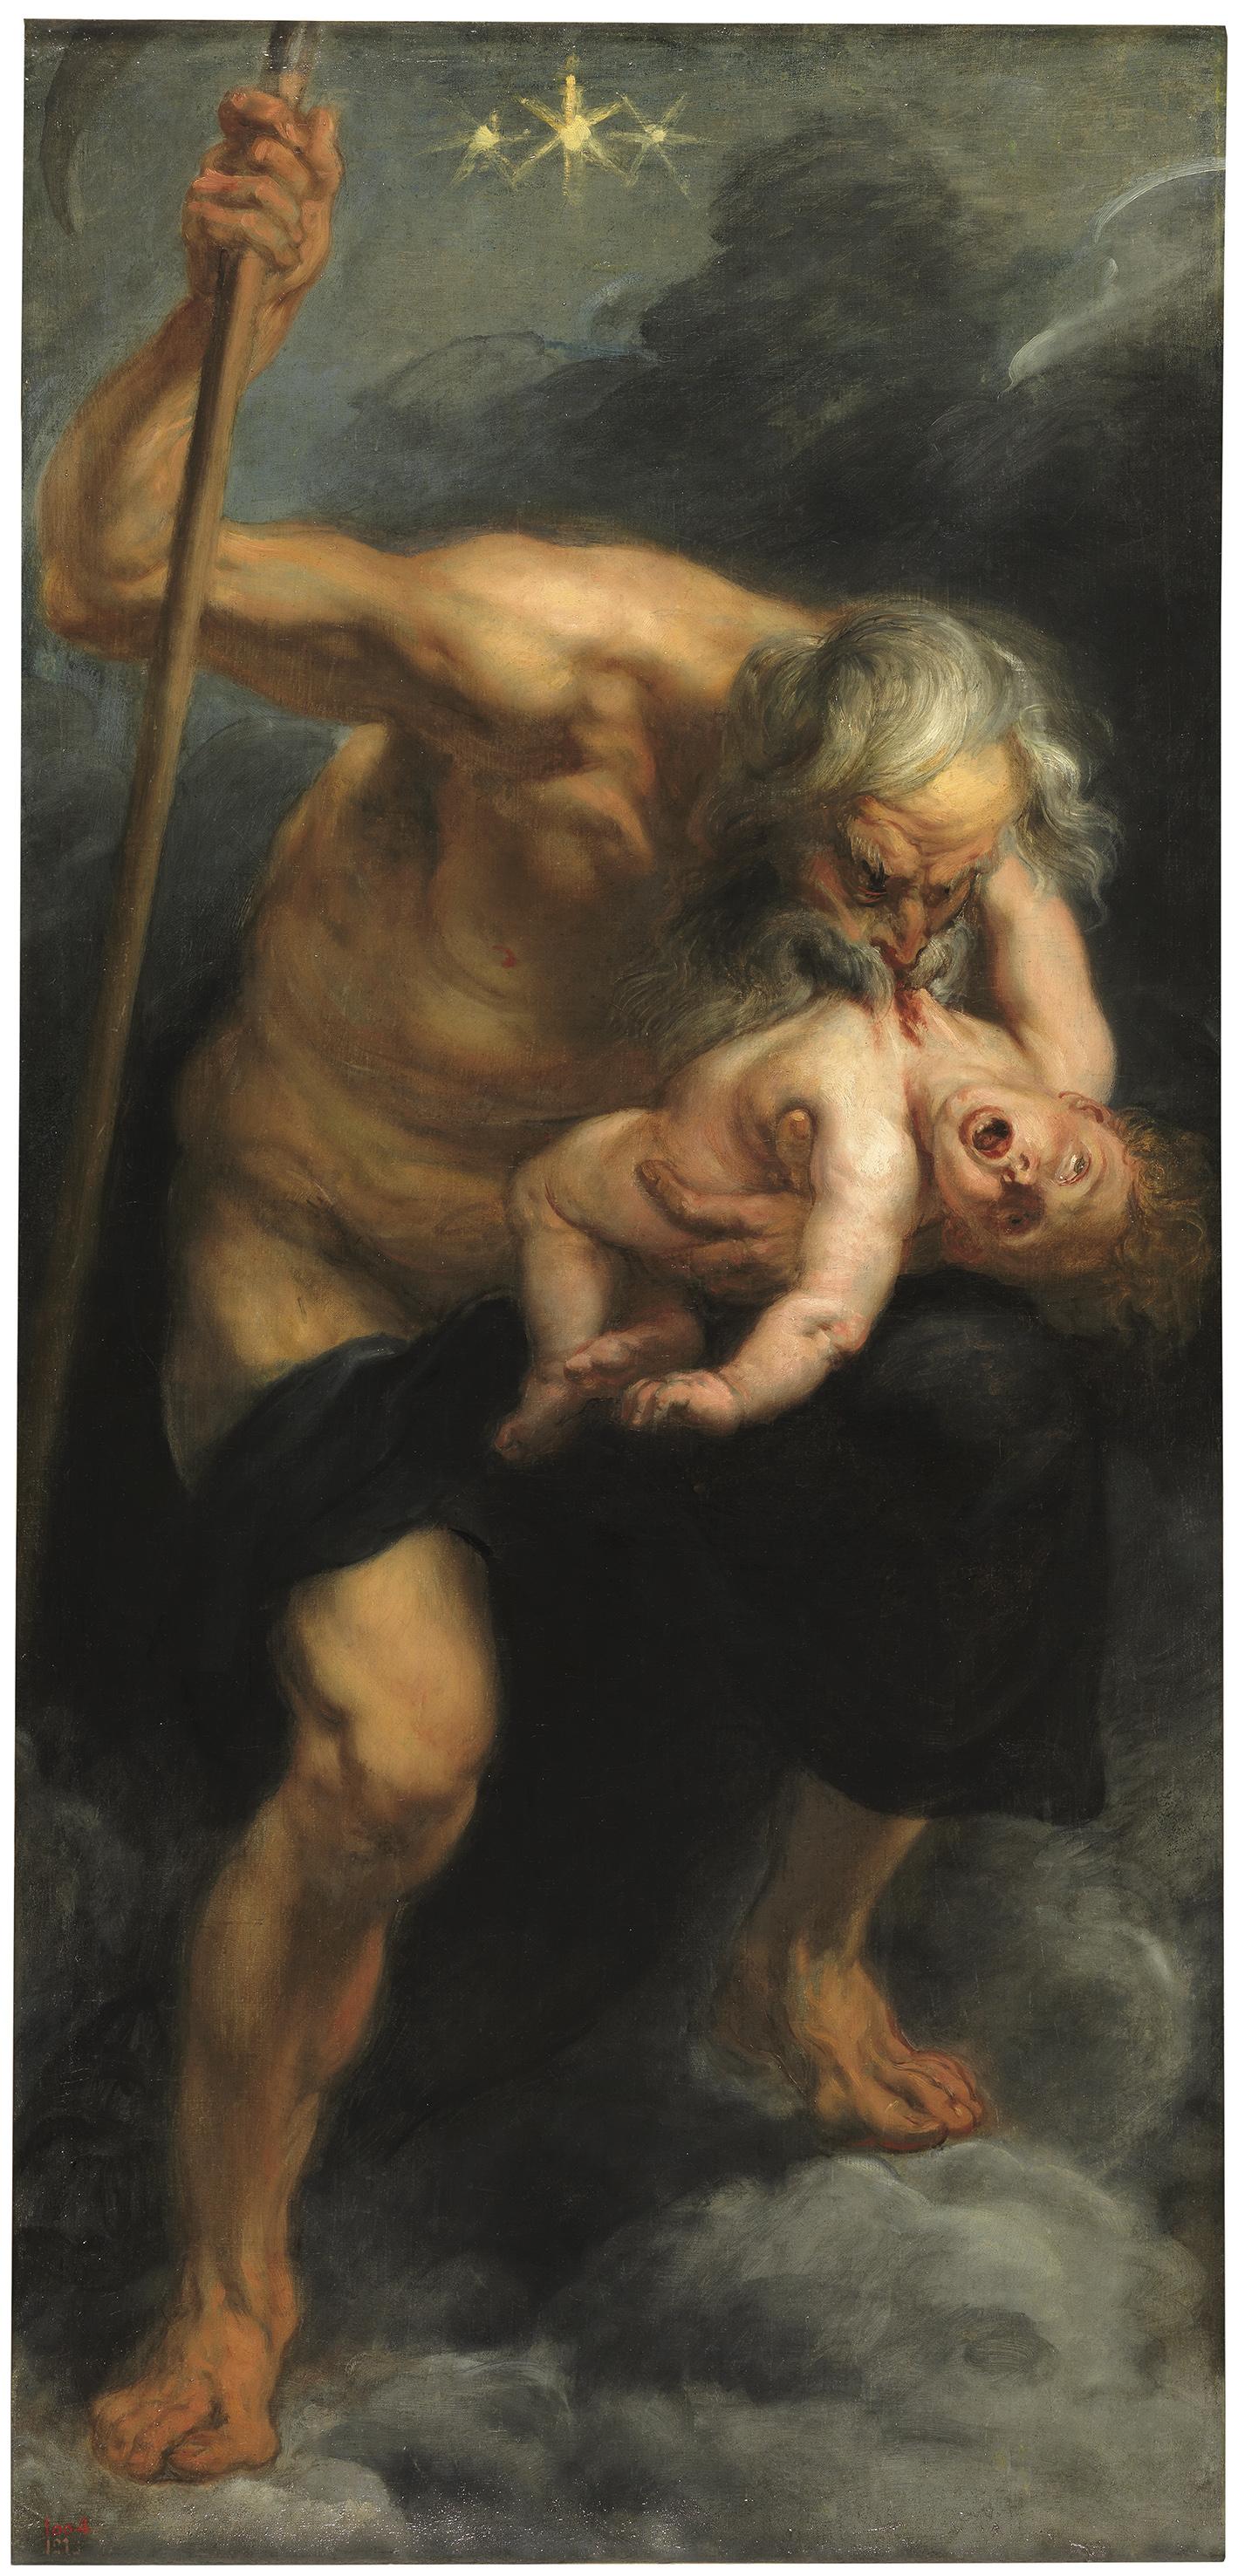 Nuevas salas de pintura flamenca y holandesa en el Museo del Prado